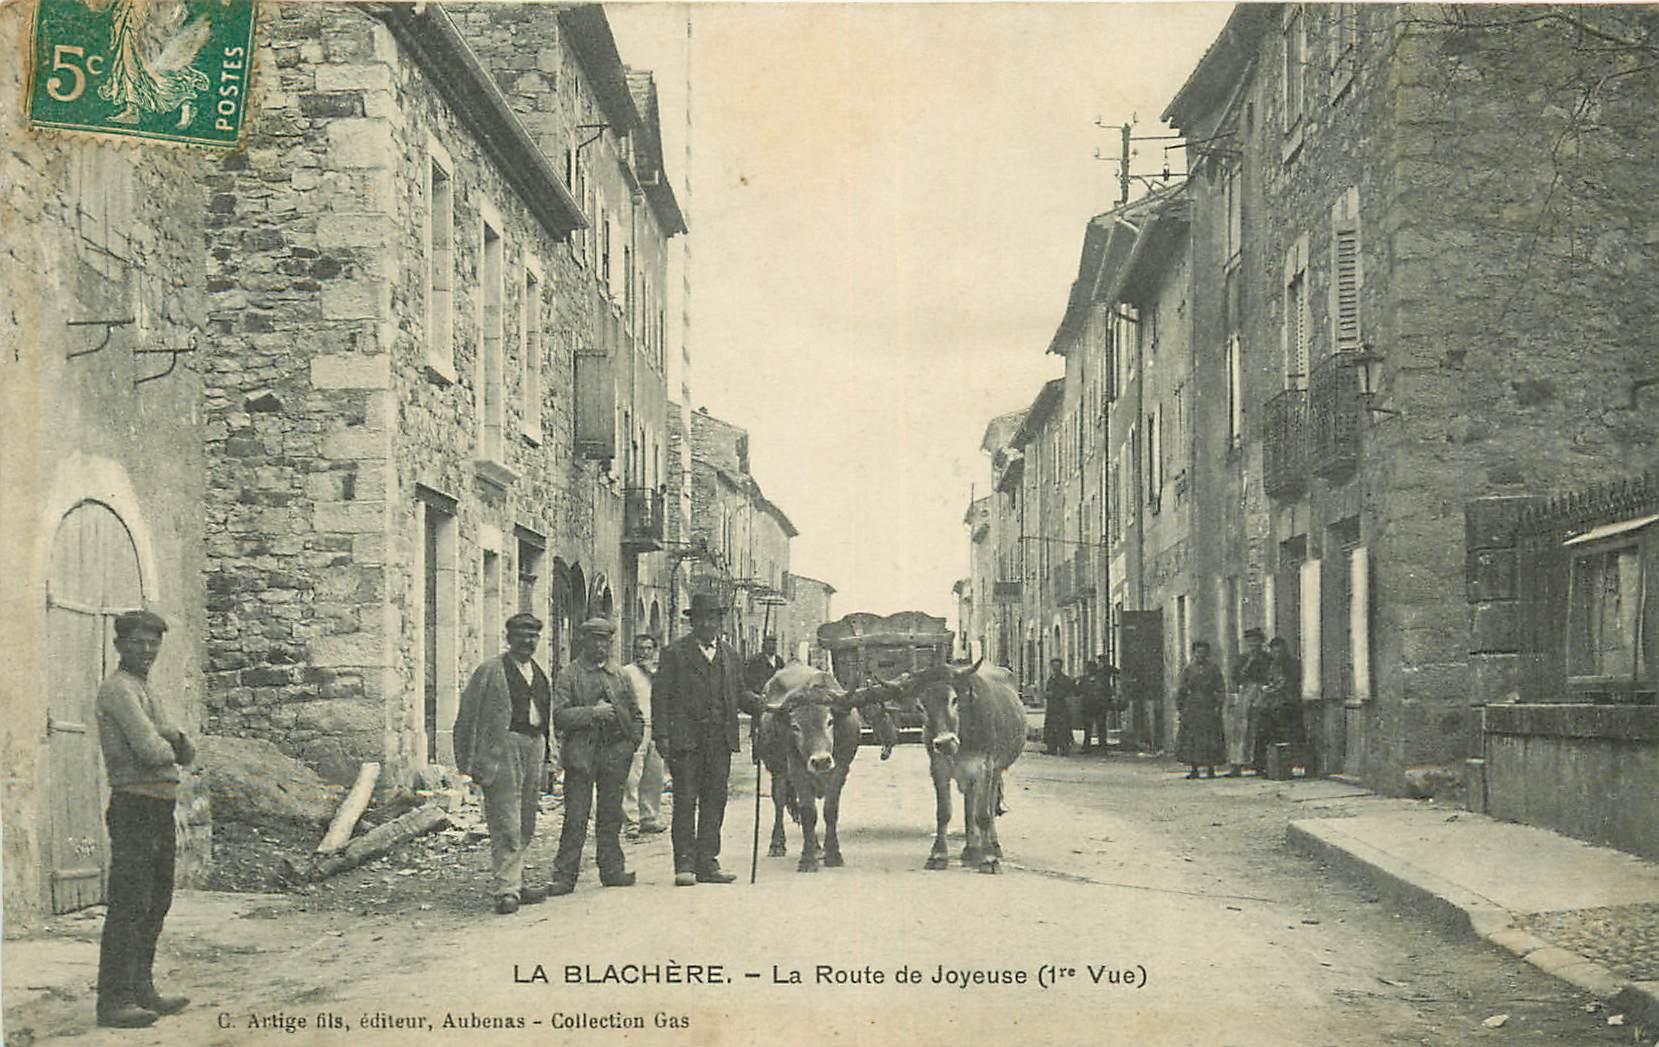 WW 07 LA BLACHERE. Attelage de Boeufs sur la Route de Joyeuse